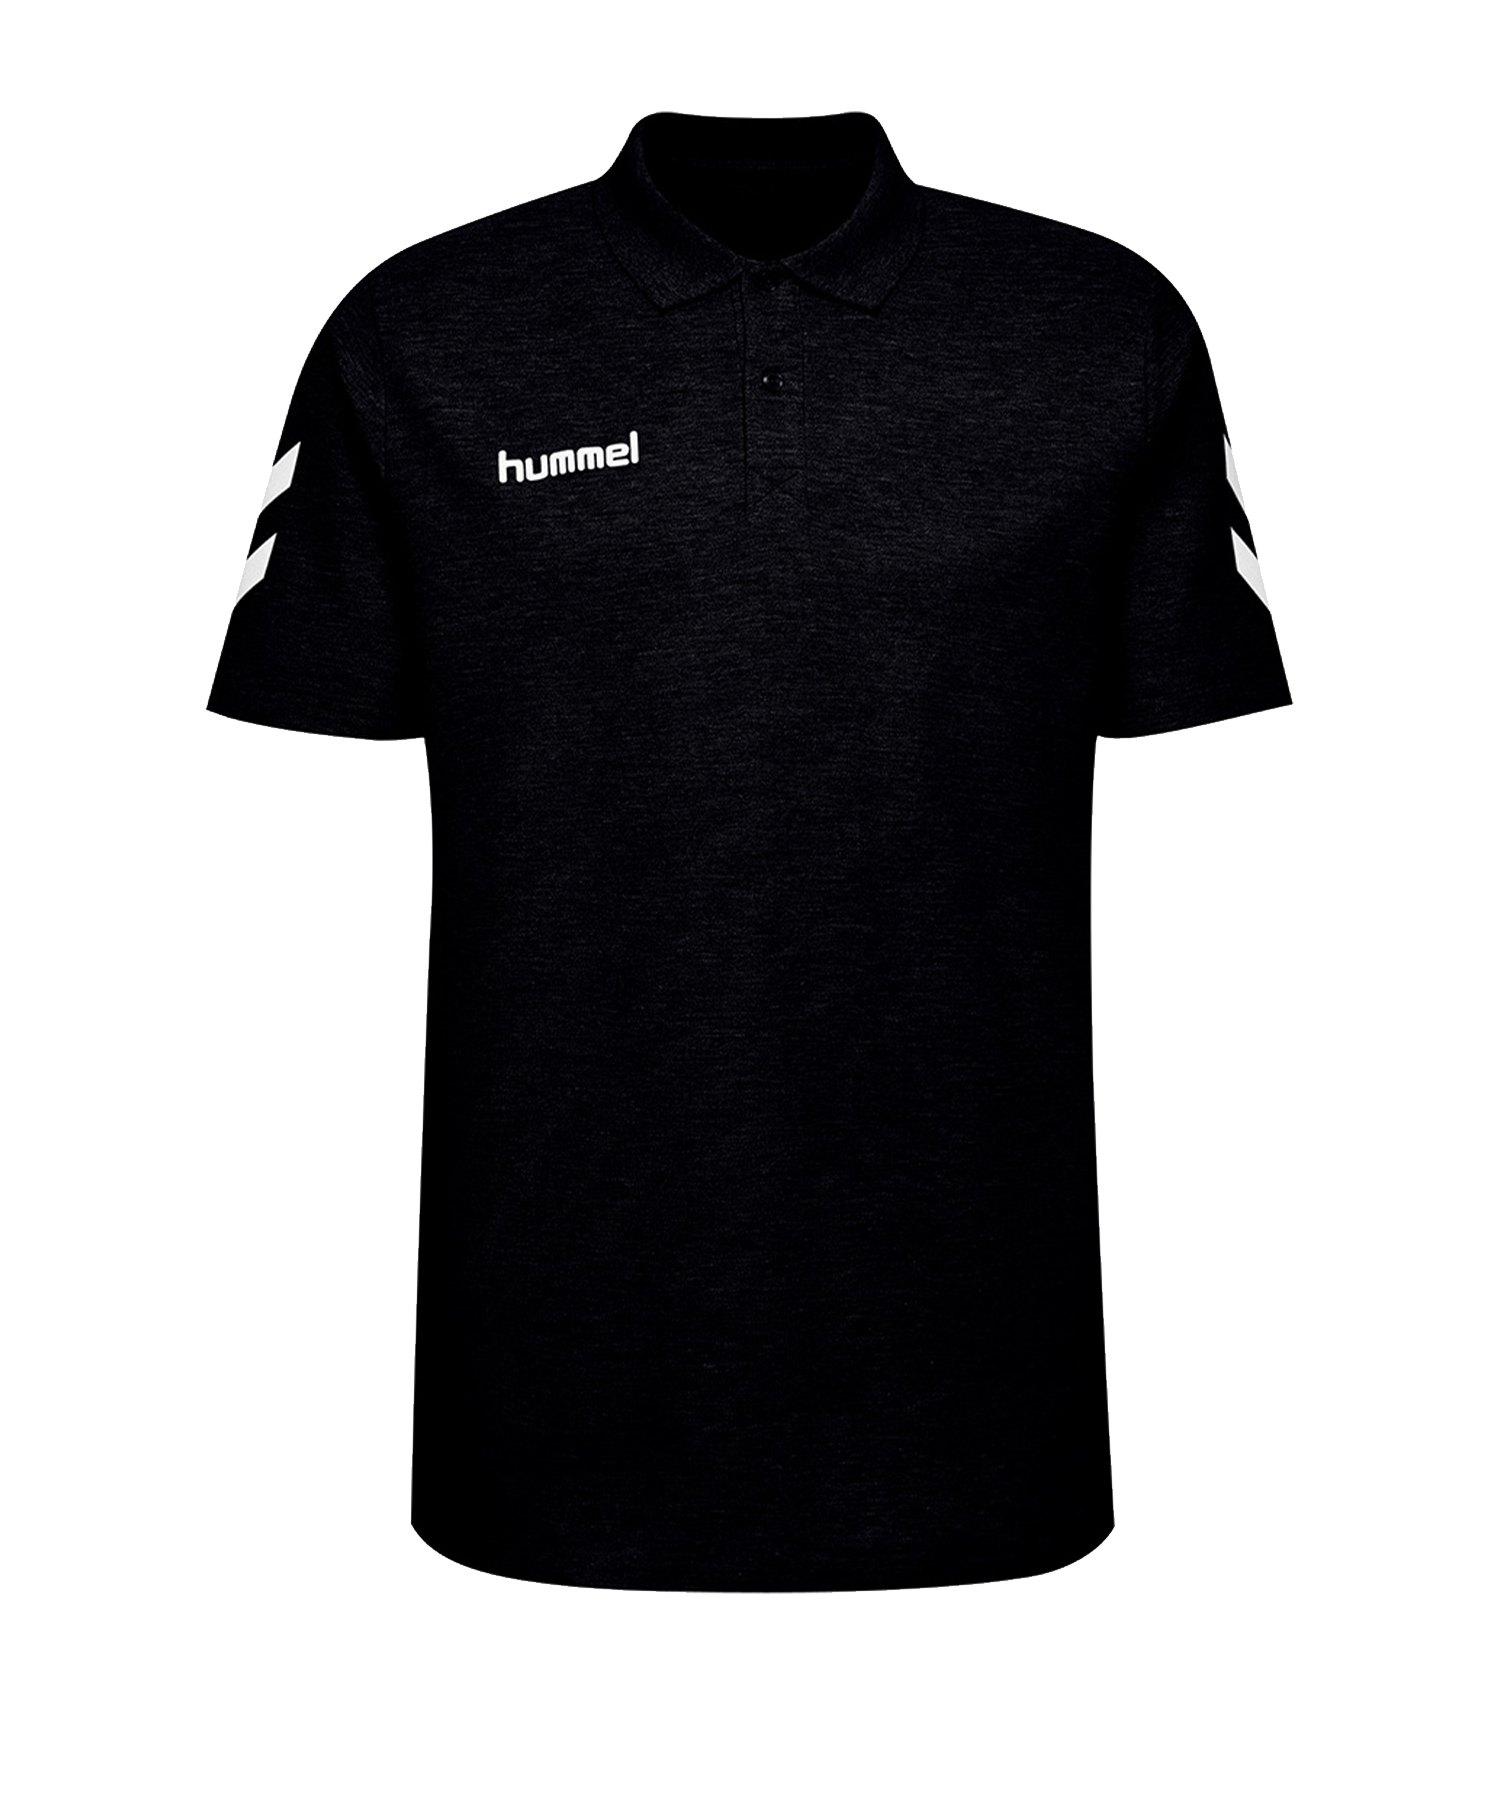 Hummel Cotton Poloshirt Schwarz F2001 - Schwarz